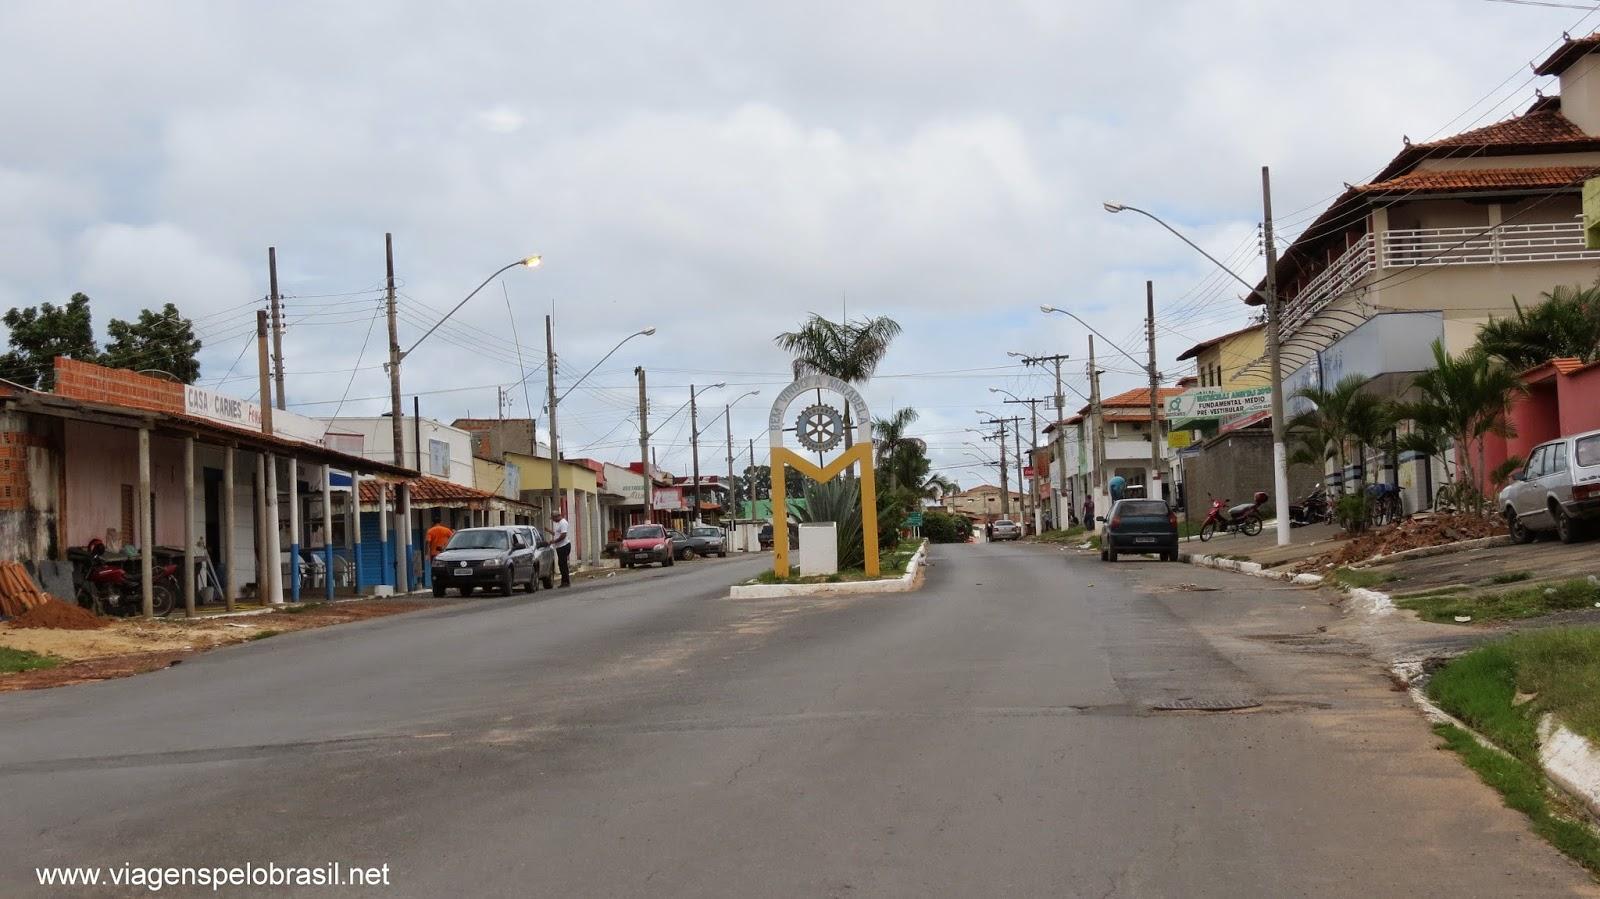 Mirabela Minas Gerais fonte: 3.bp.blogspot.com